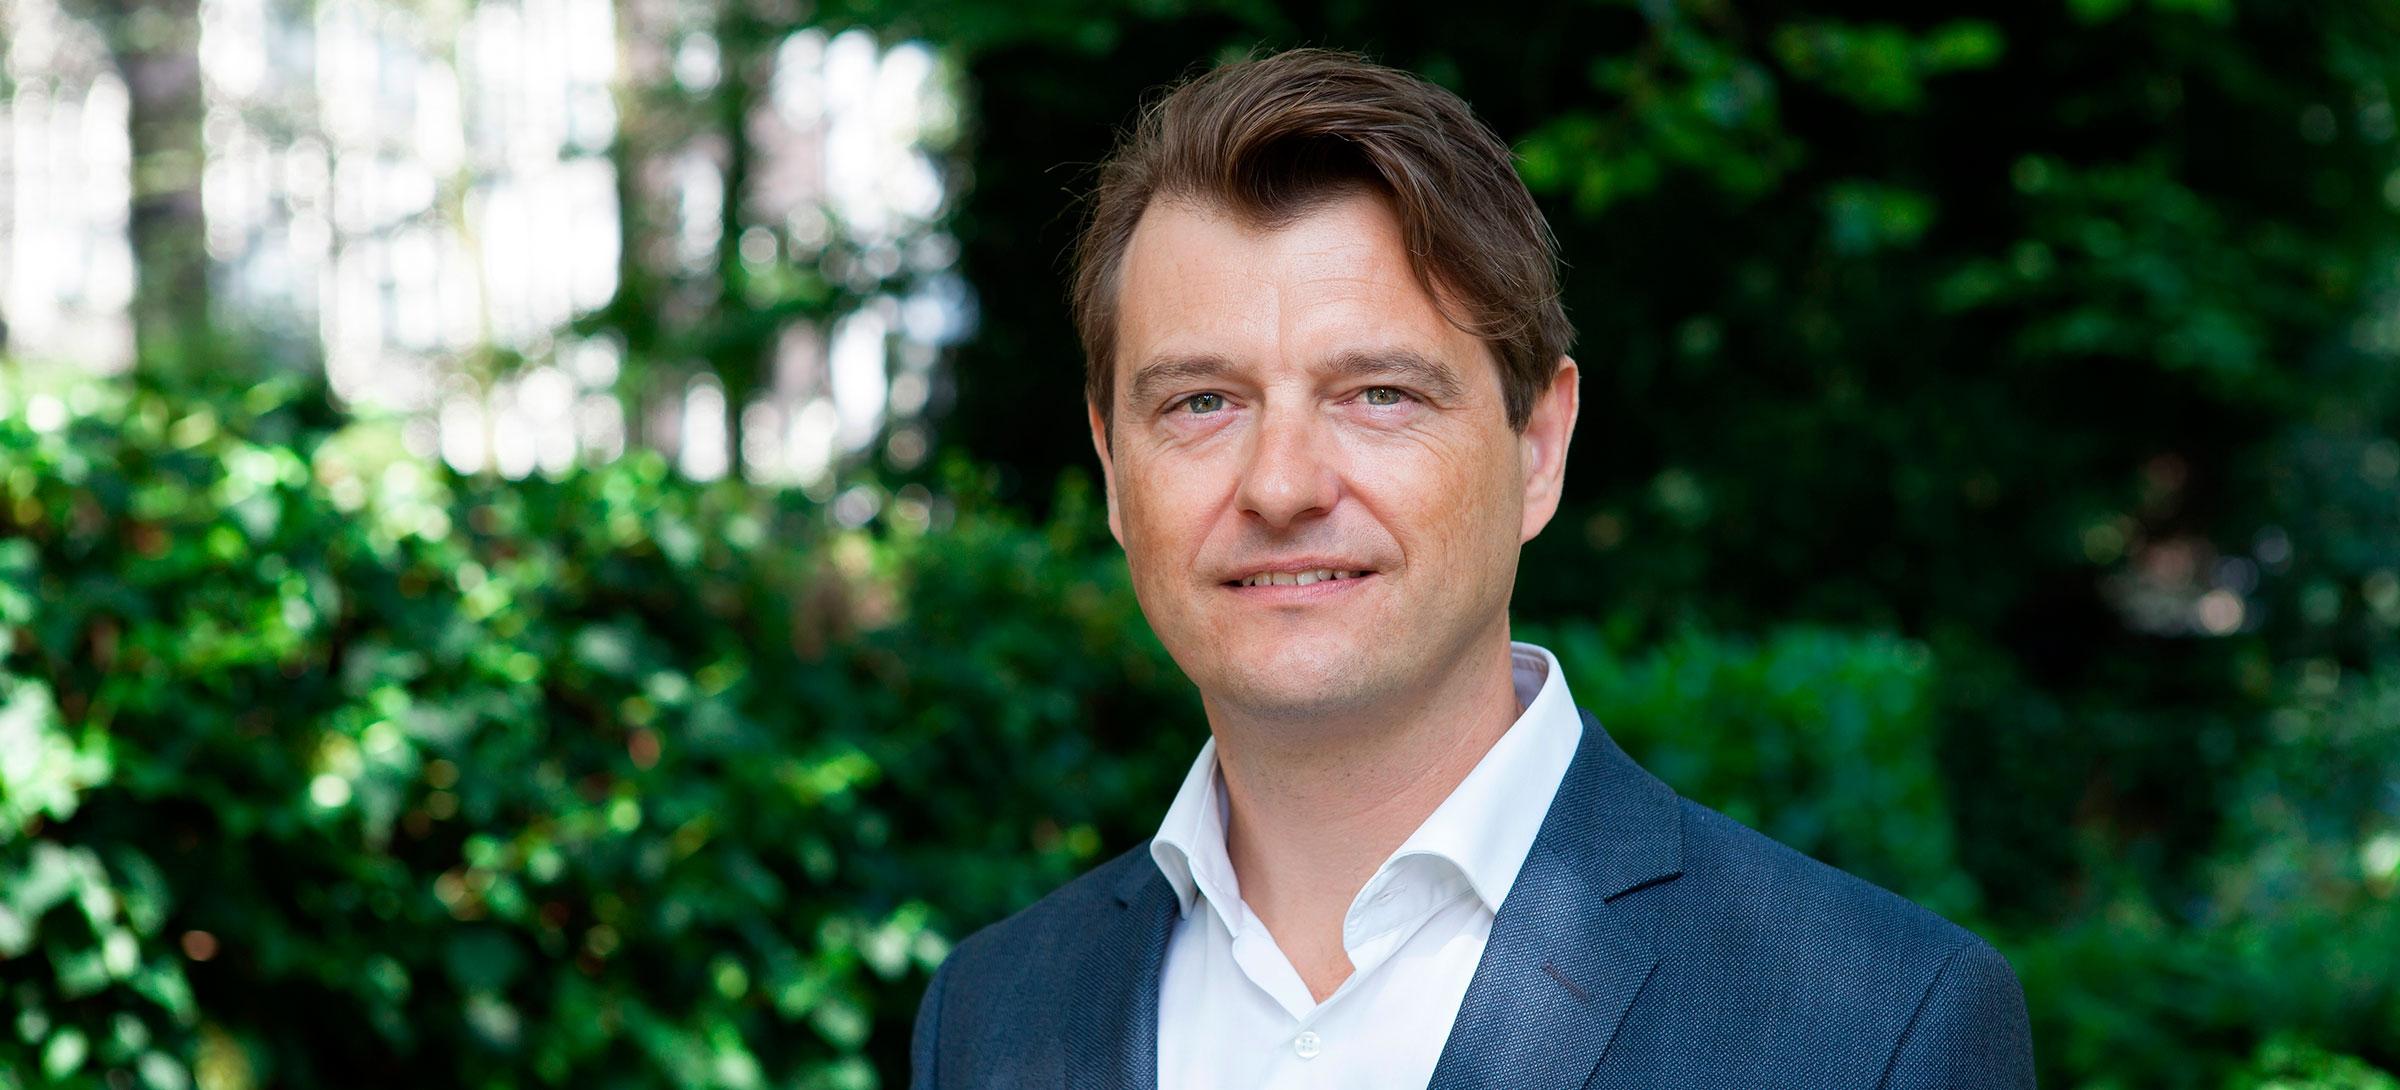 Jurgen Jaab